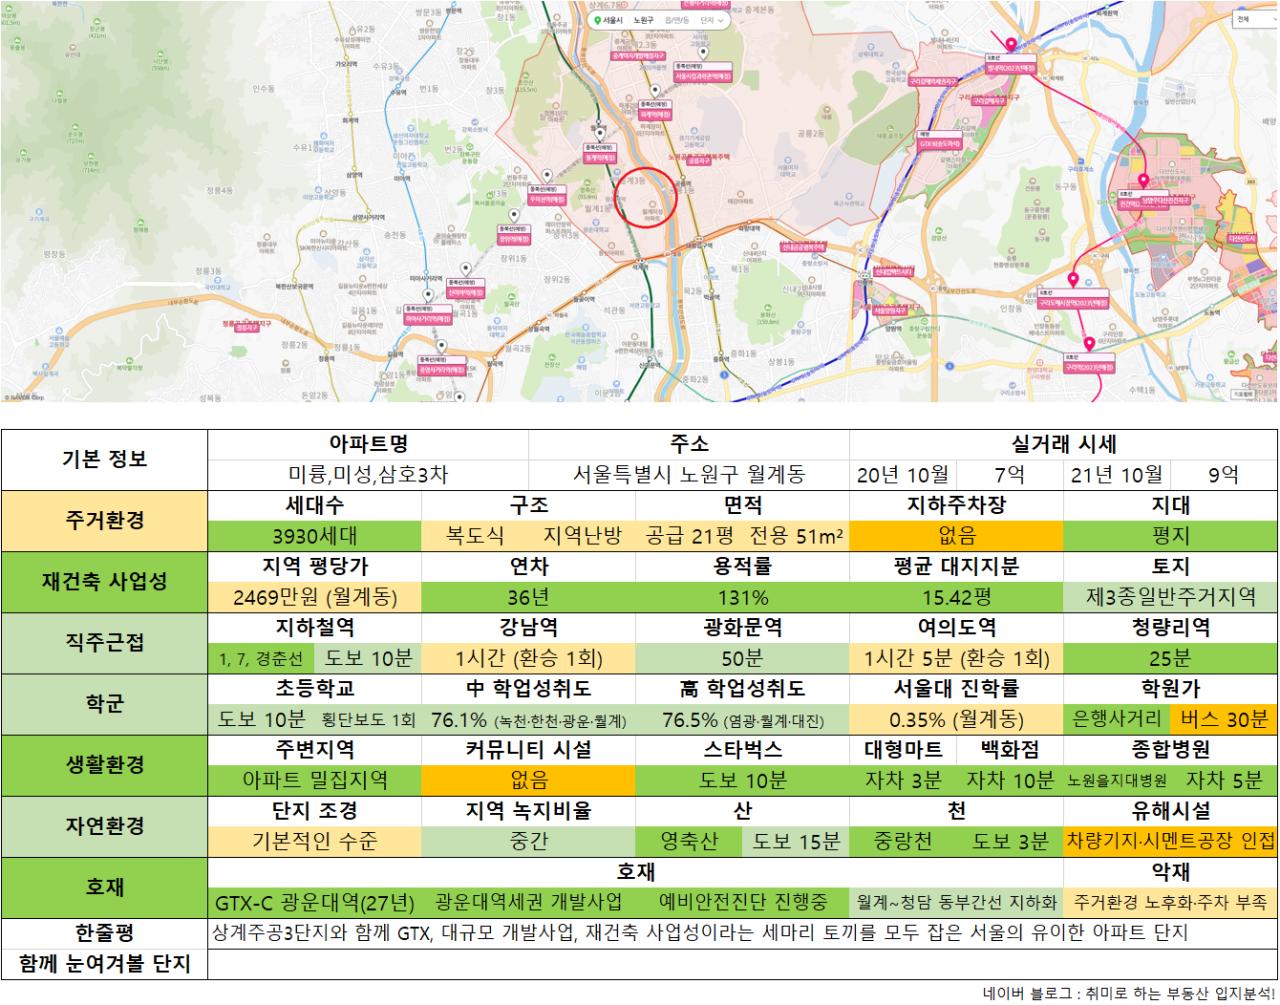 10_미미삼.png 수도권 9억 이하 아파트 추천 (ver. 21년 10월)